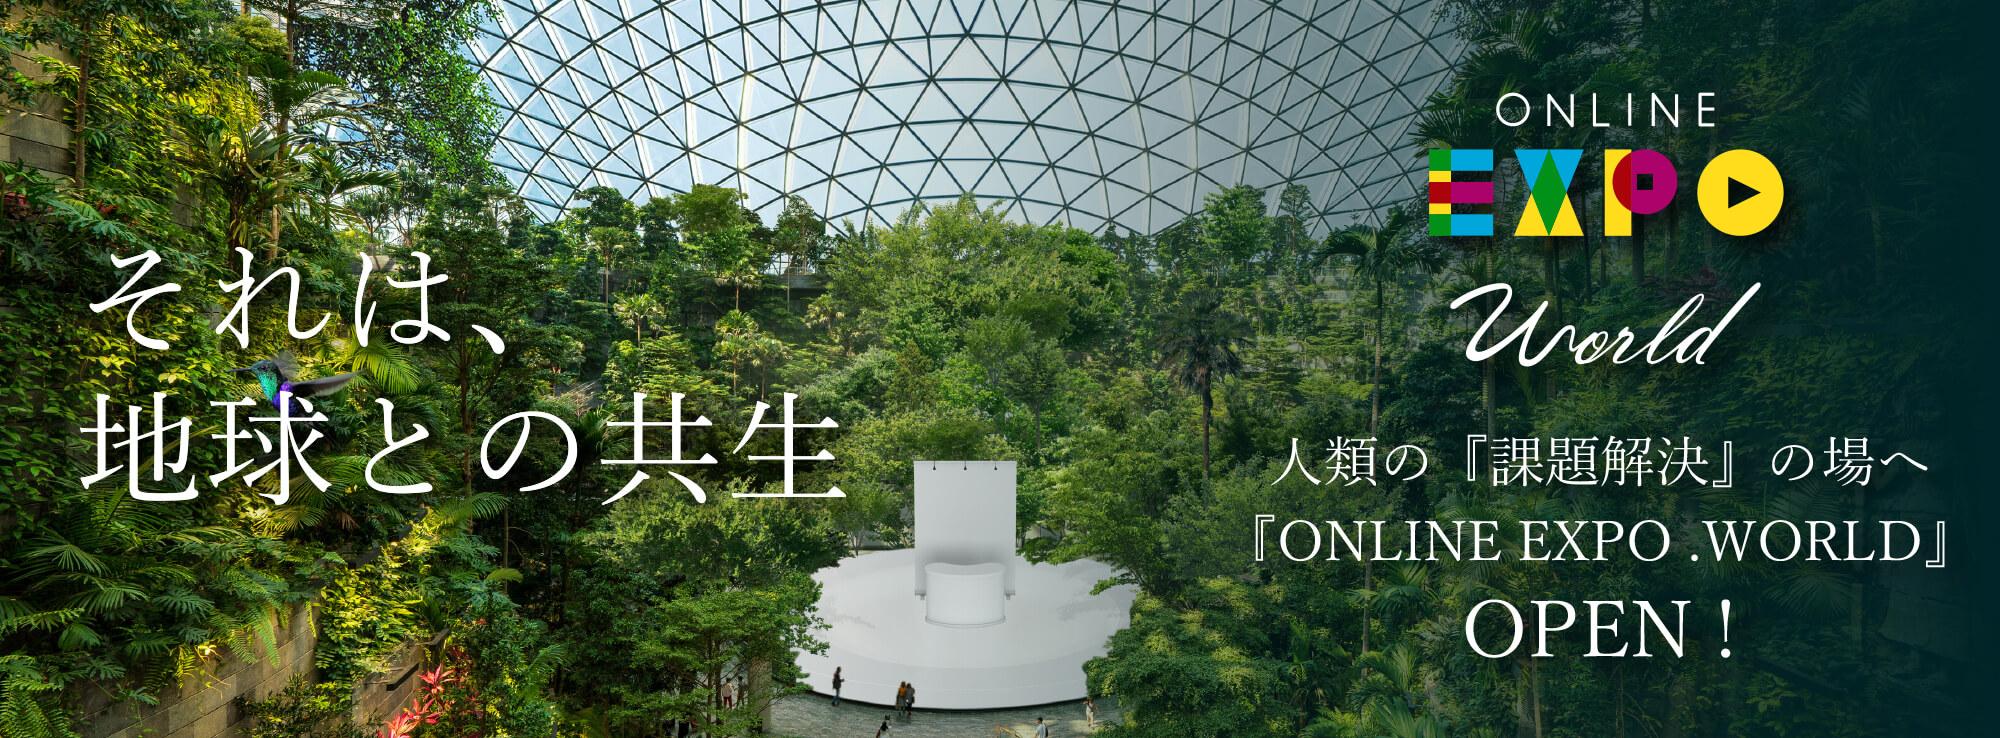 人類の『課題解決』の場へ ONLINE EXPO WORLD OPEN!